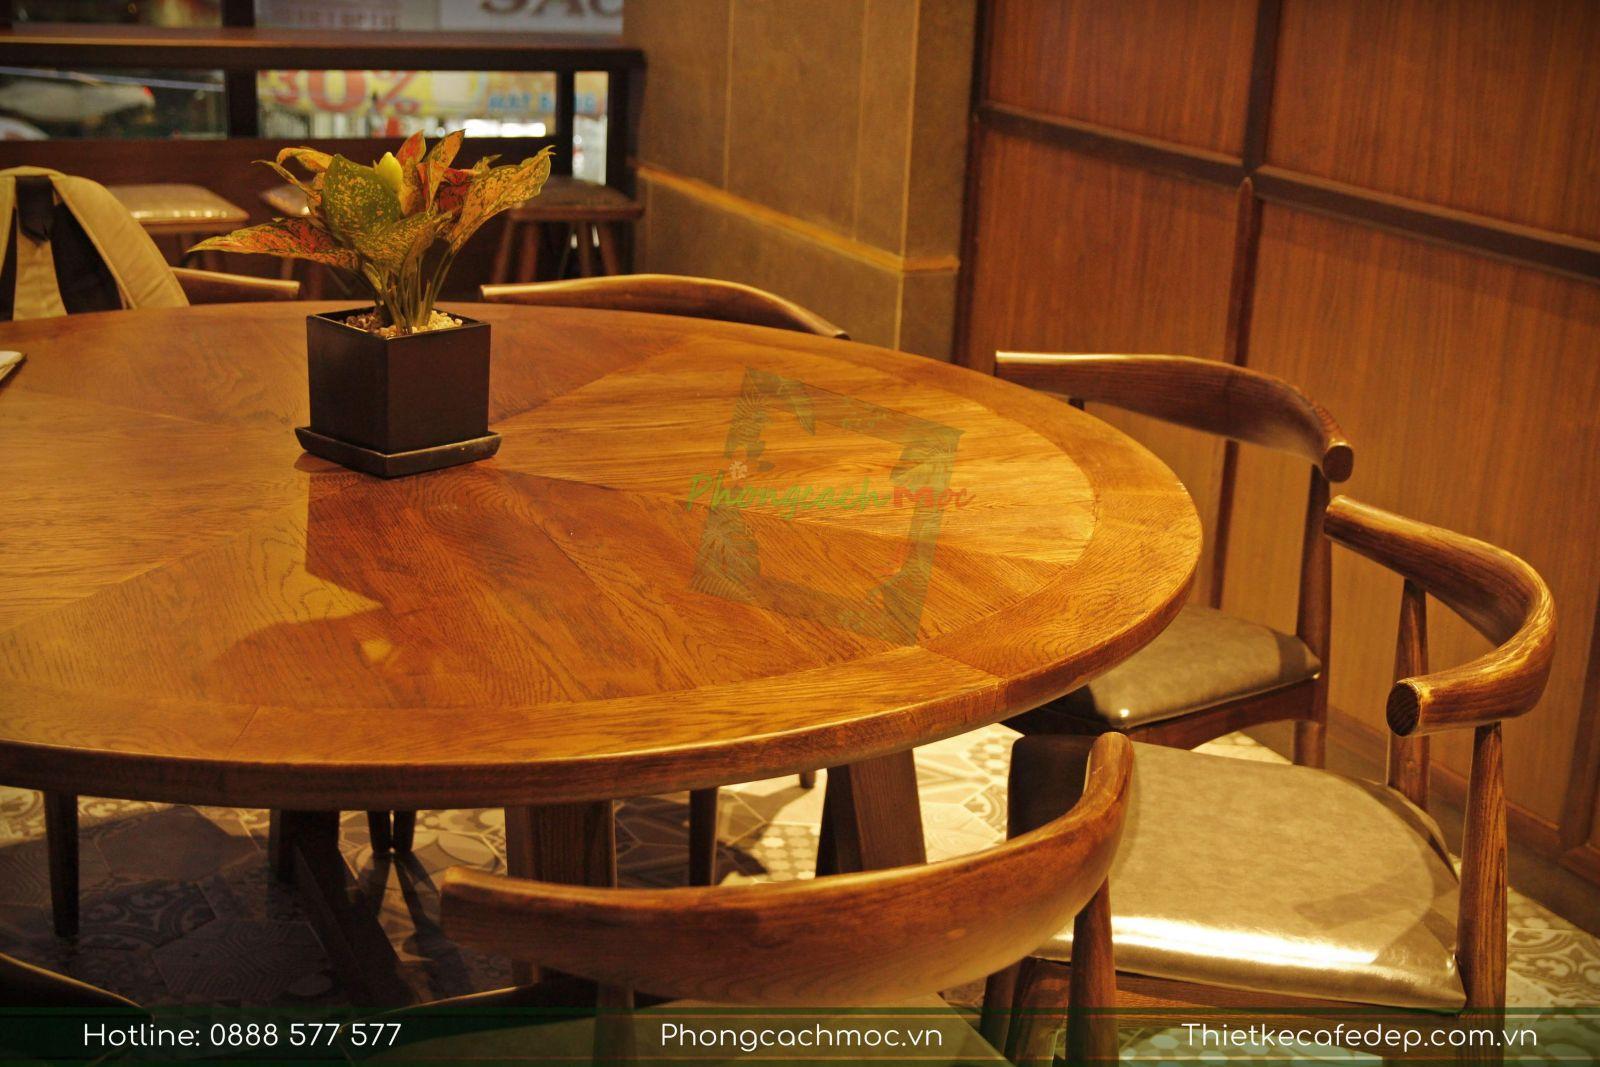 bộ bàn ghế cafe dành cho 6-8 người ngồi